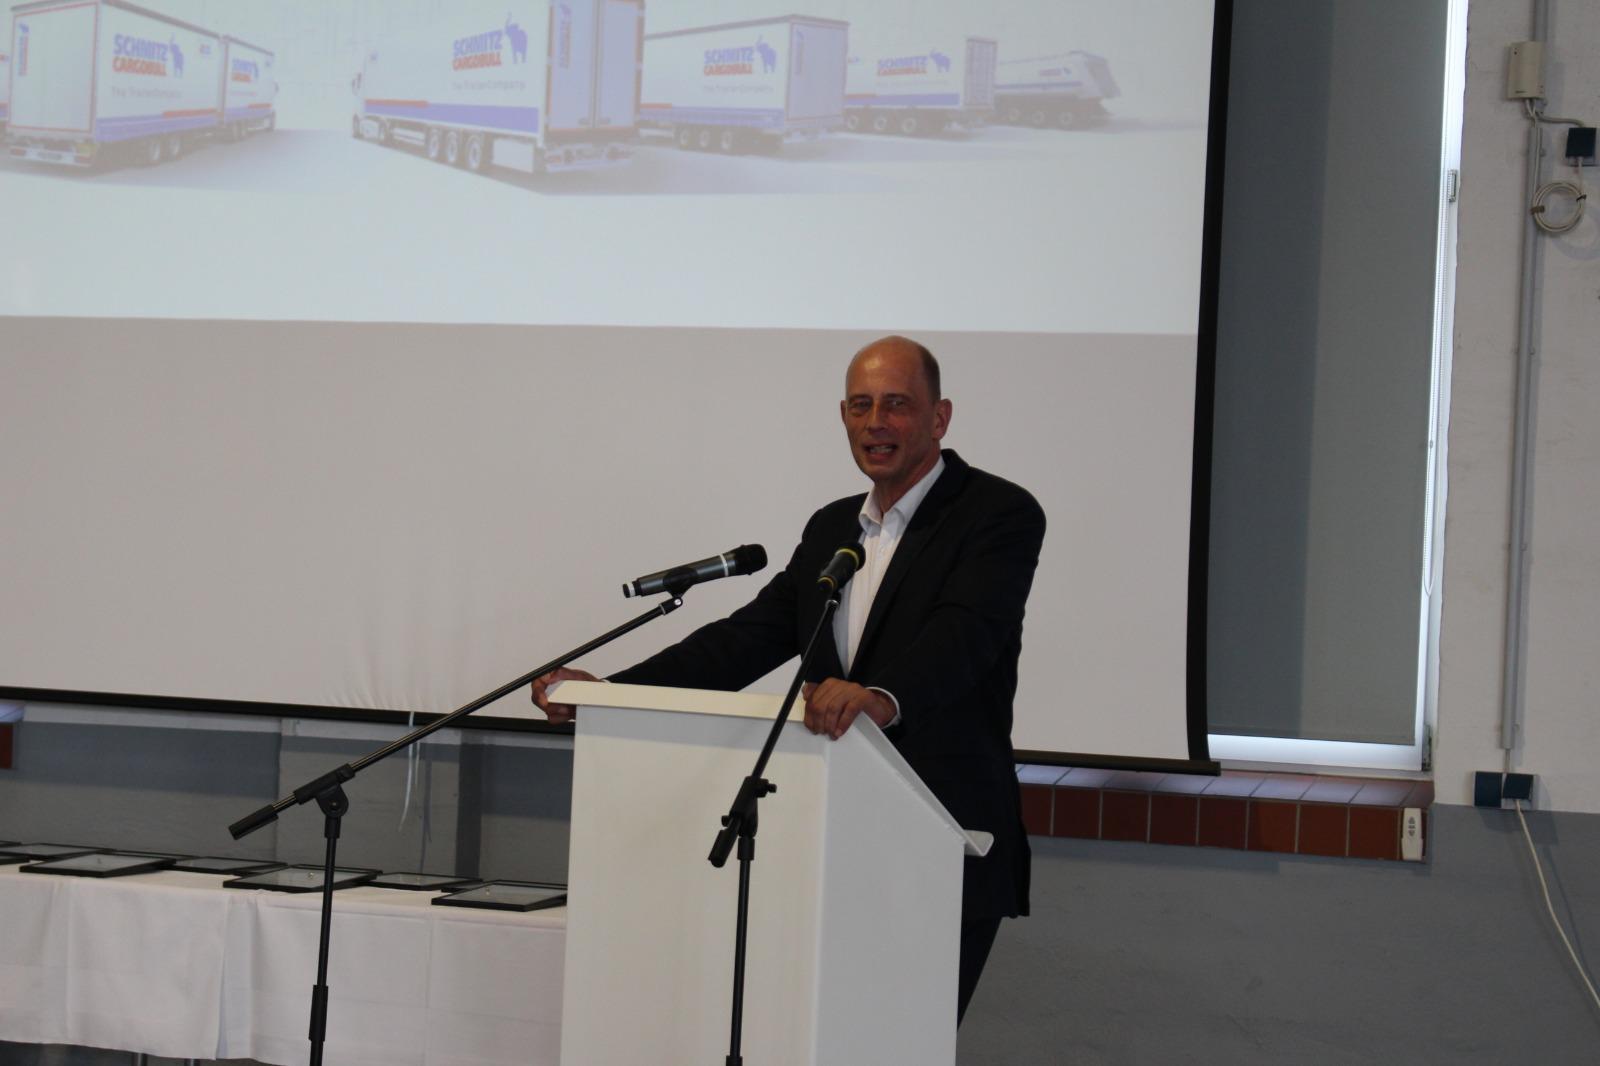 Wirtschaftsminister Wolfgang Tiefensee beim Grußwort zur Veranstaltung Industrie trifft Bau in Gotha